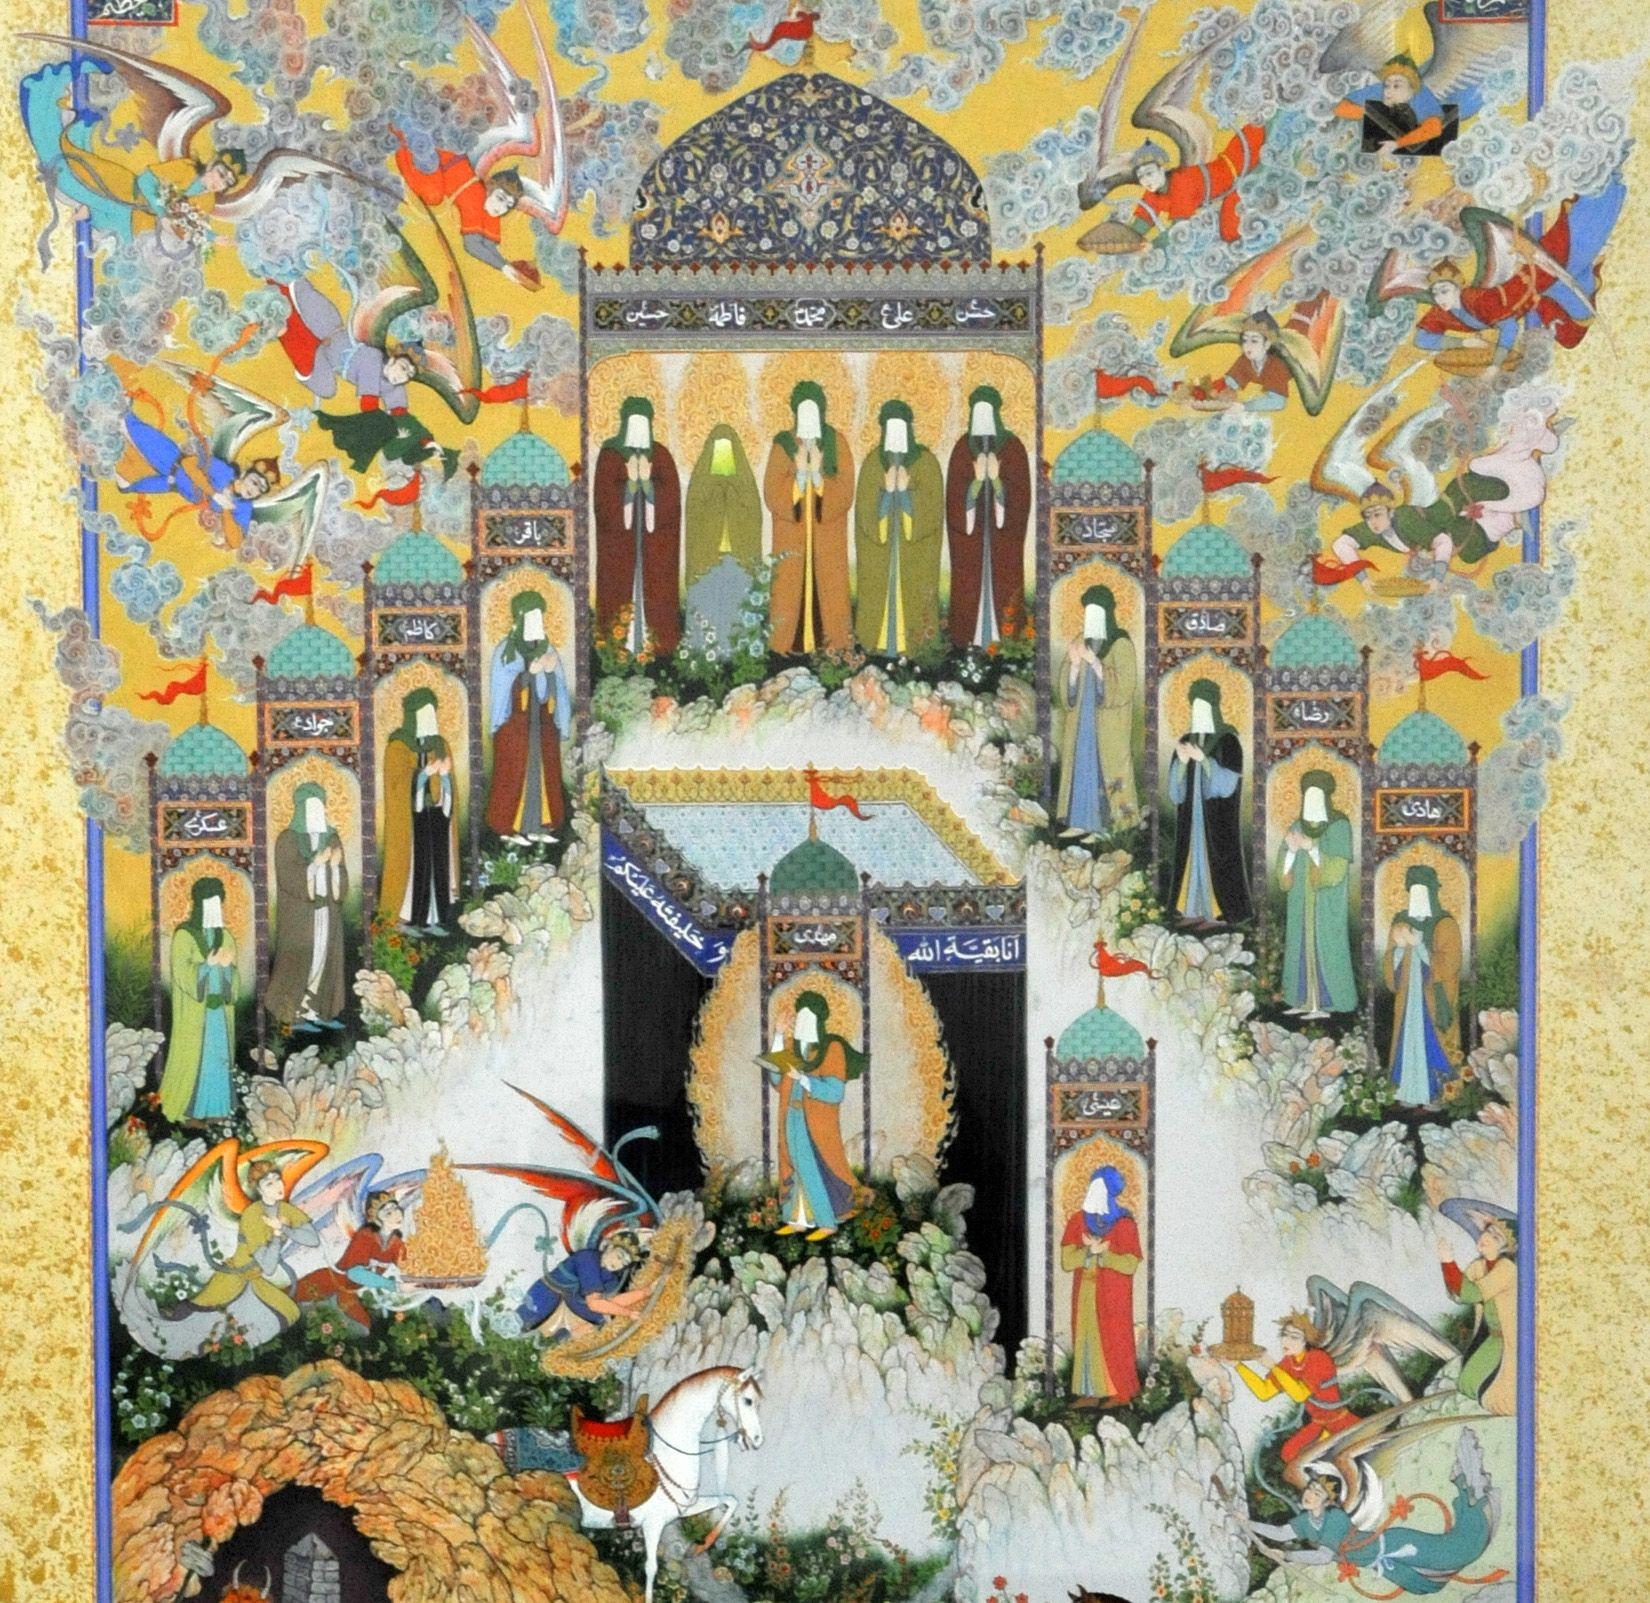 منظور از «امامت» در اصول دین